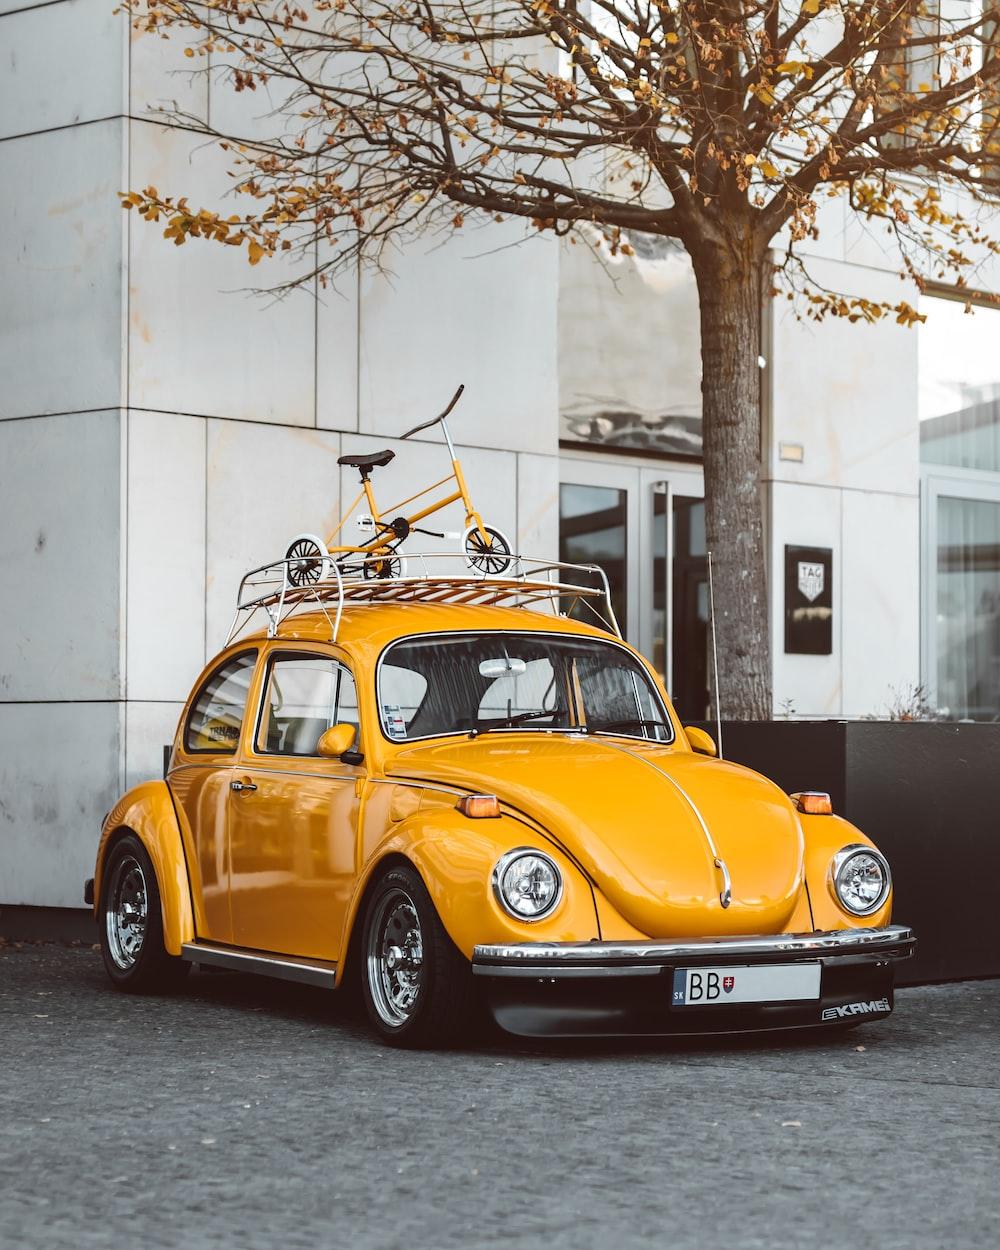 yellow Volkswagen coupe